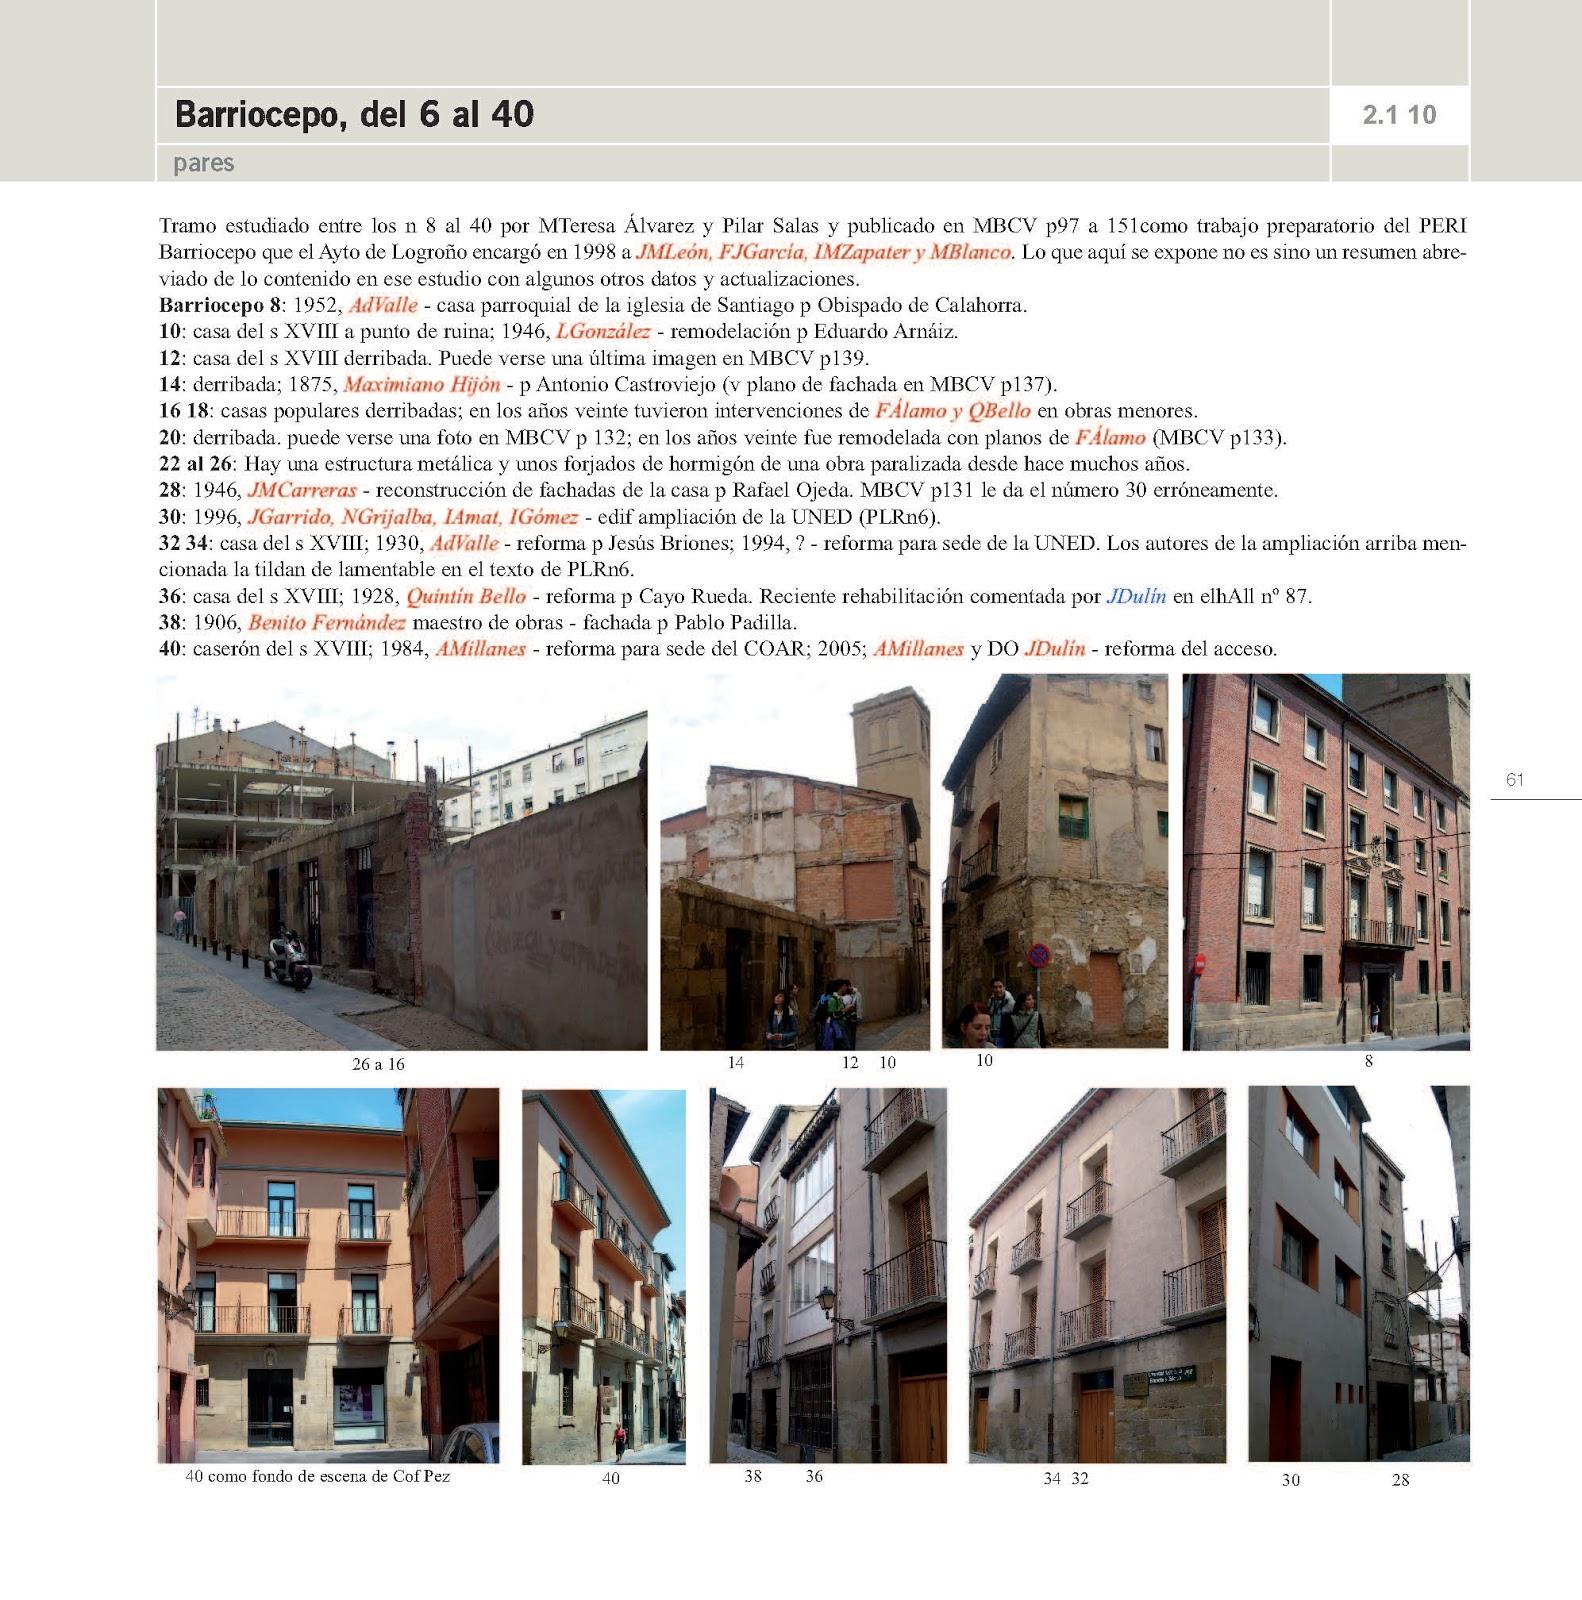 Guia De Arquitectura De Logro O Paginas 2 1 10